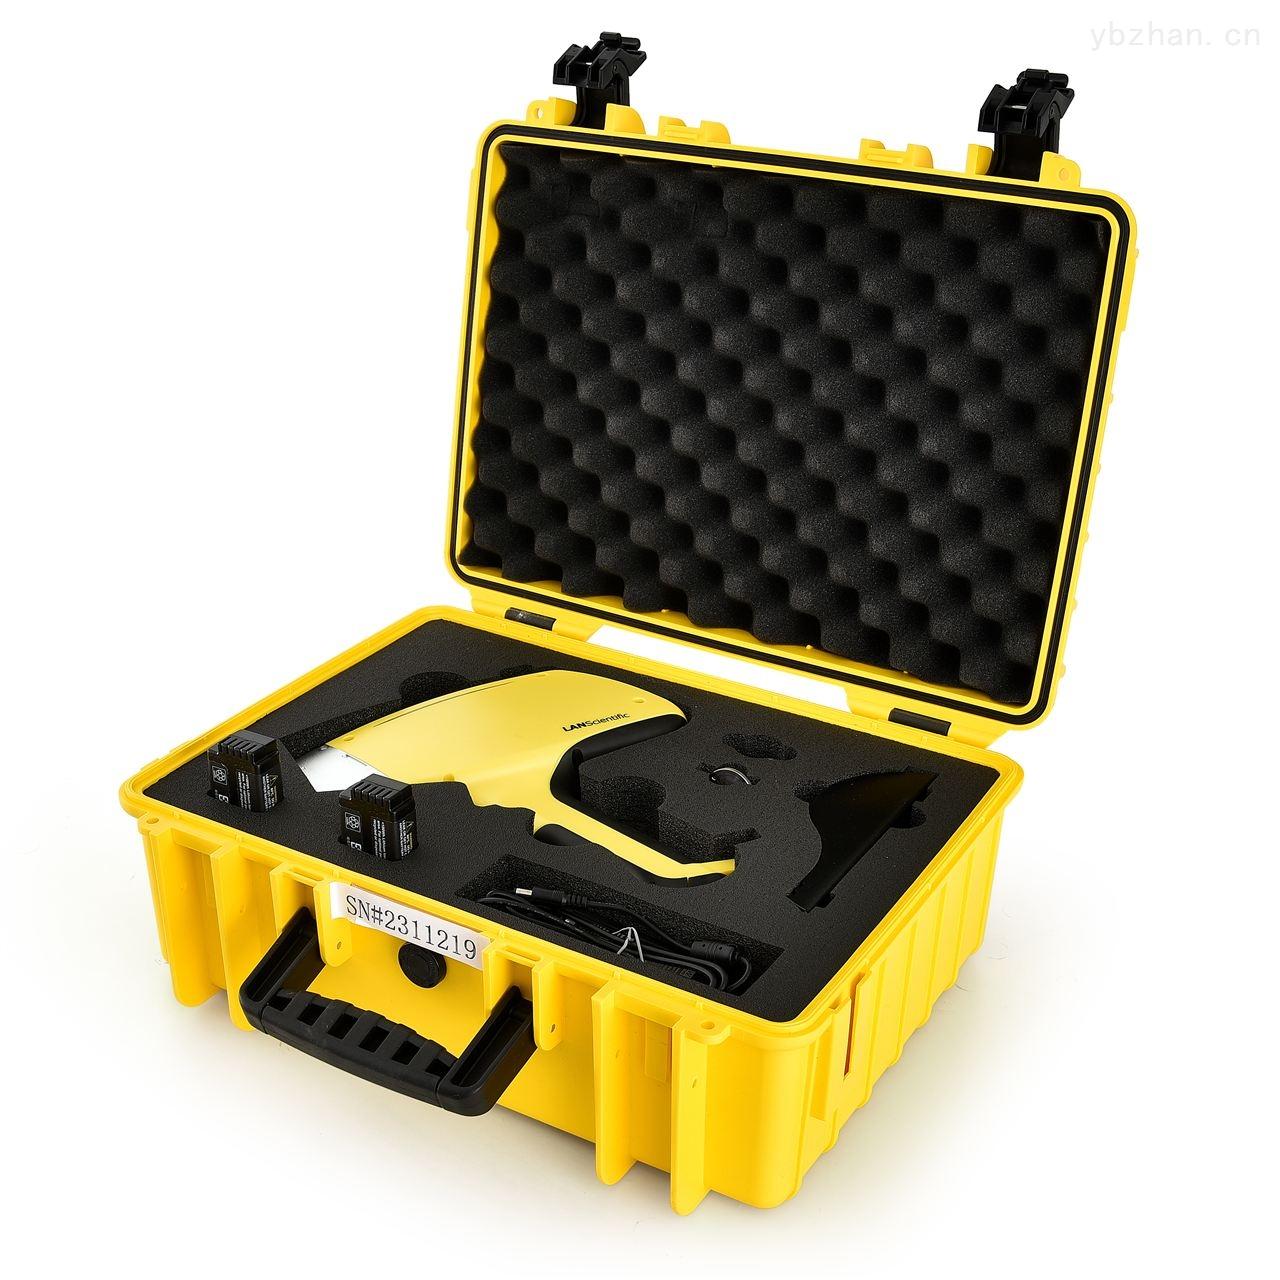 TrueX-手持式合金分析仪 镀层测厚仪